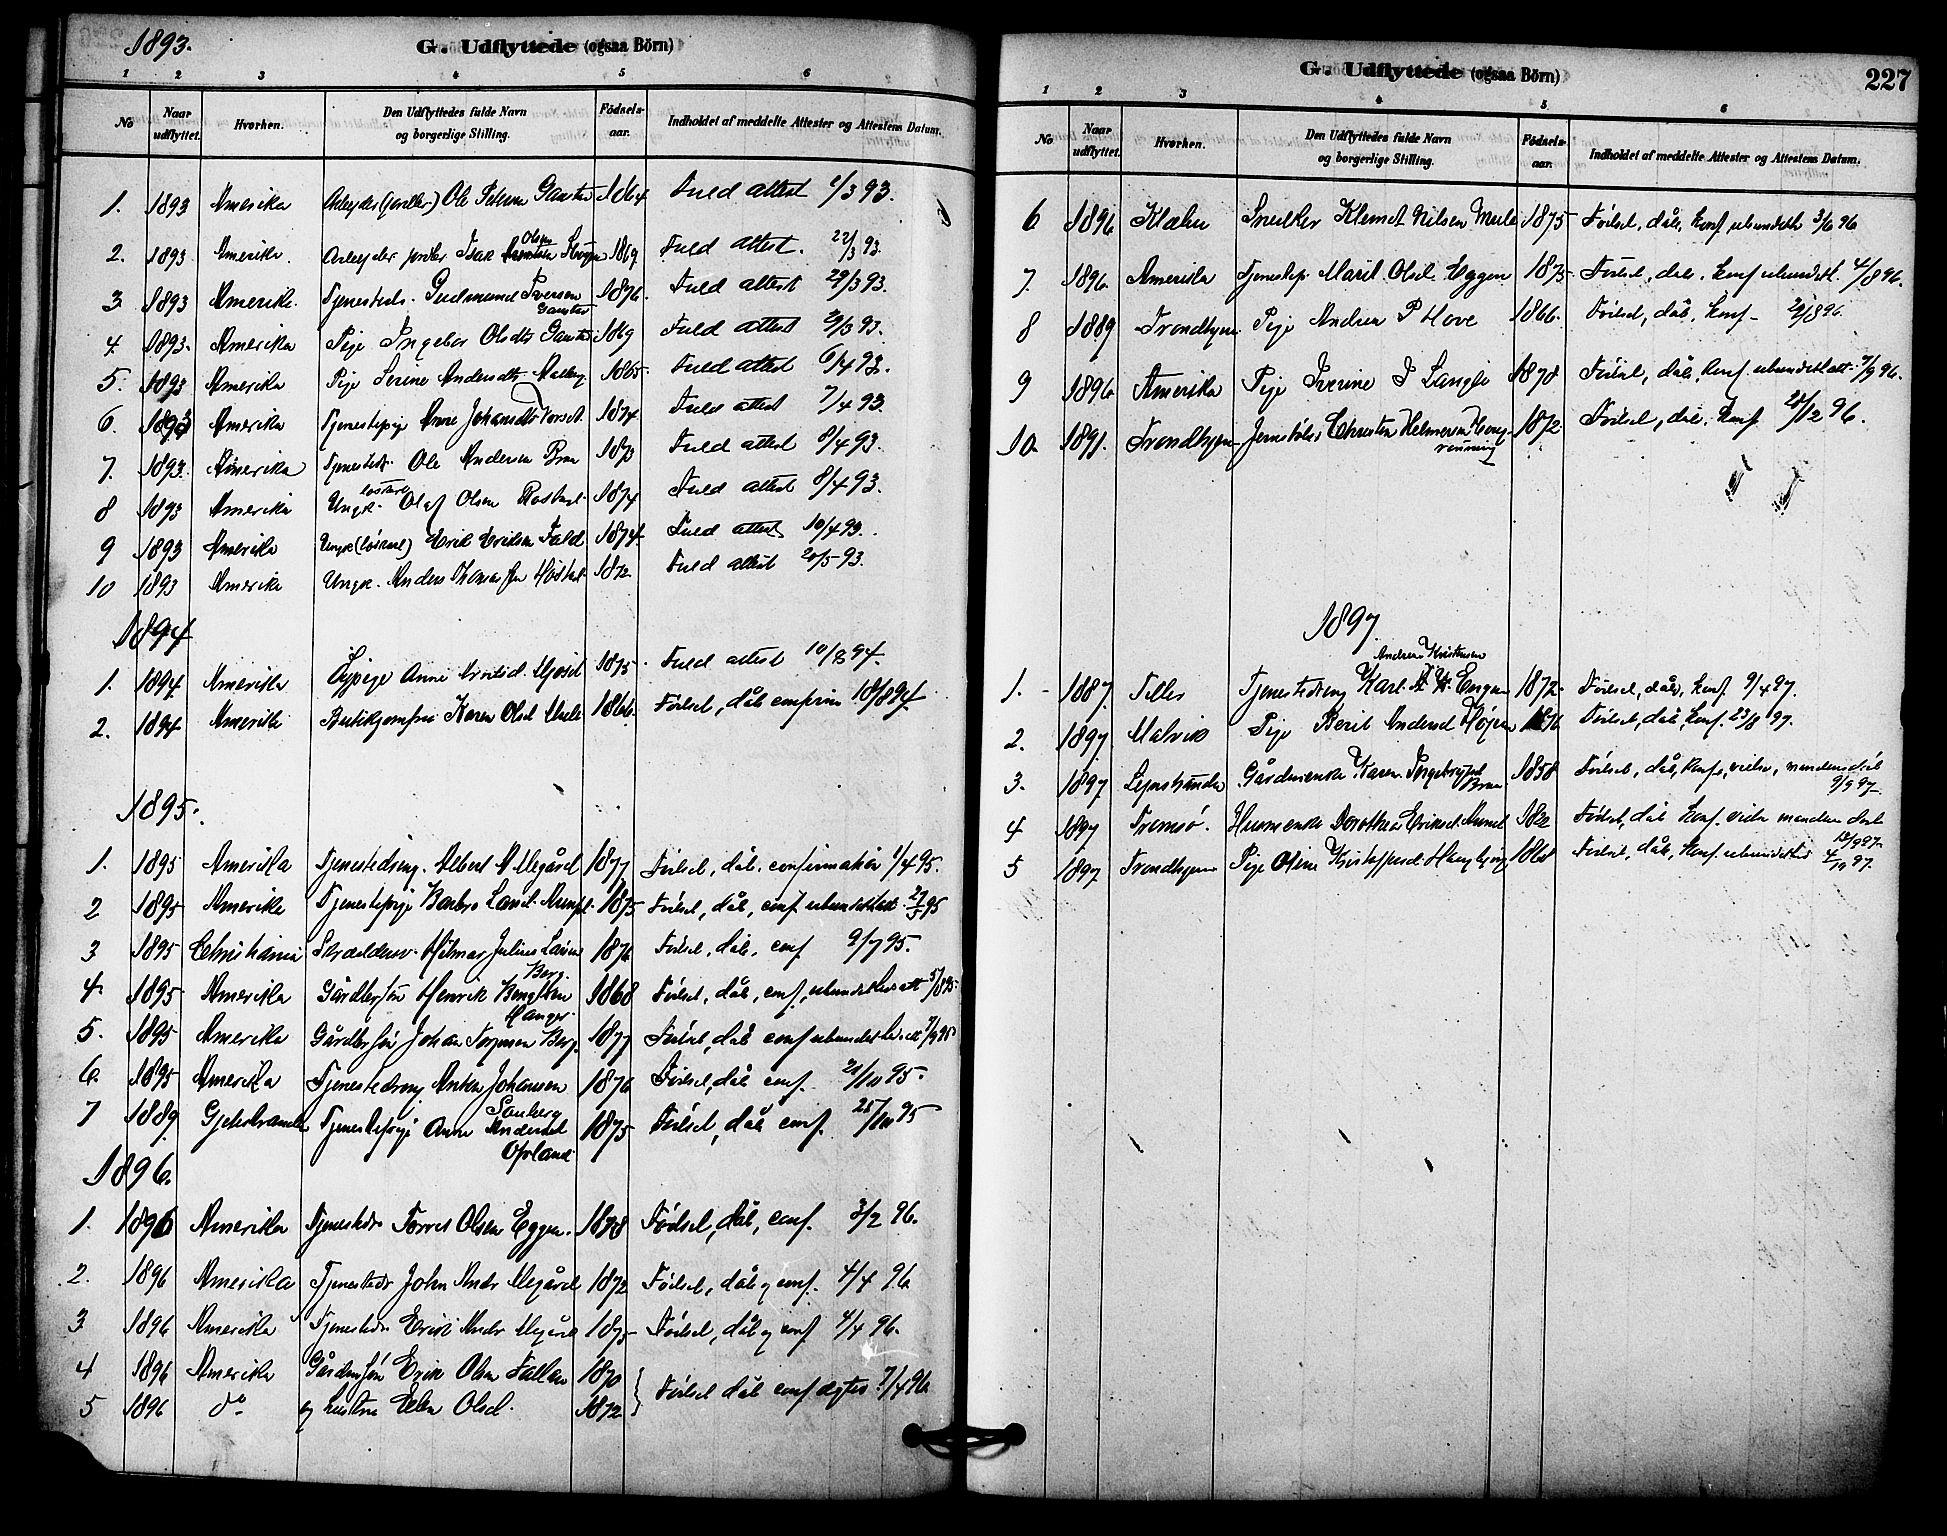 SAT, Ministerialprotokoller, klokkerbøker og fødselsregistre - Sør-Trøndelag, 612/L0378: Ministerialbok nr. 612A10, 1878-1897, s. 227